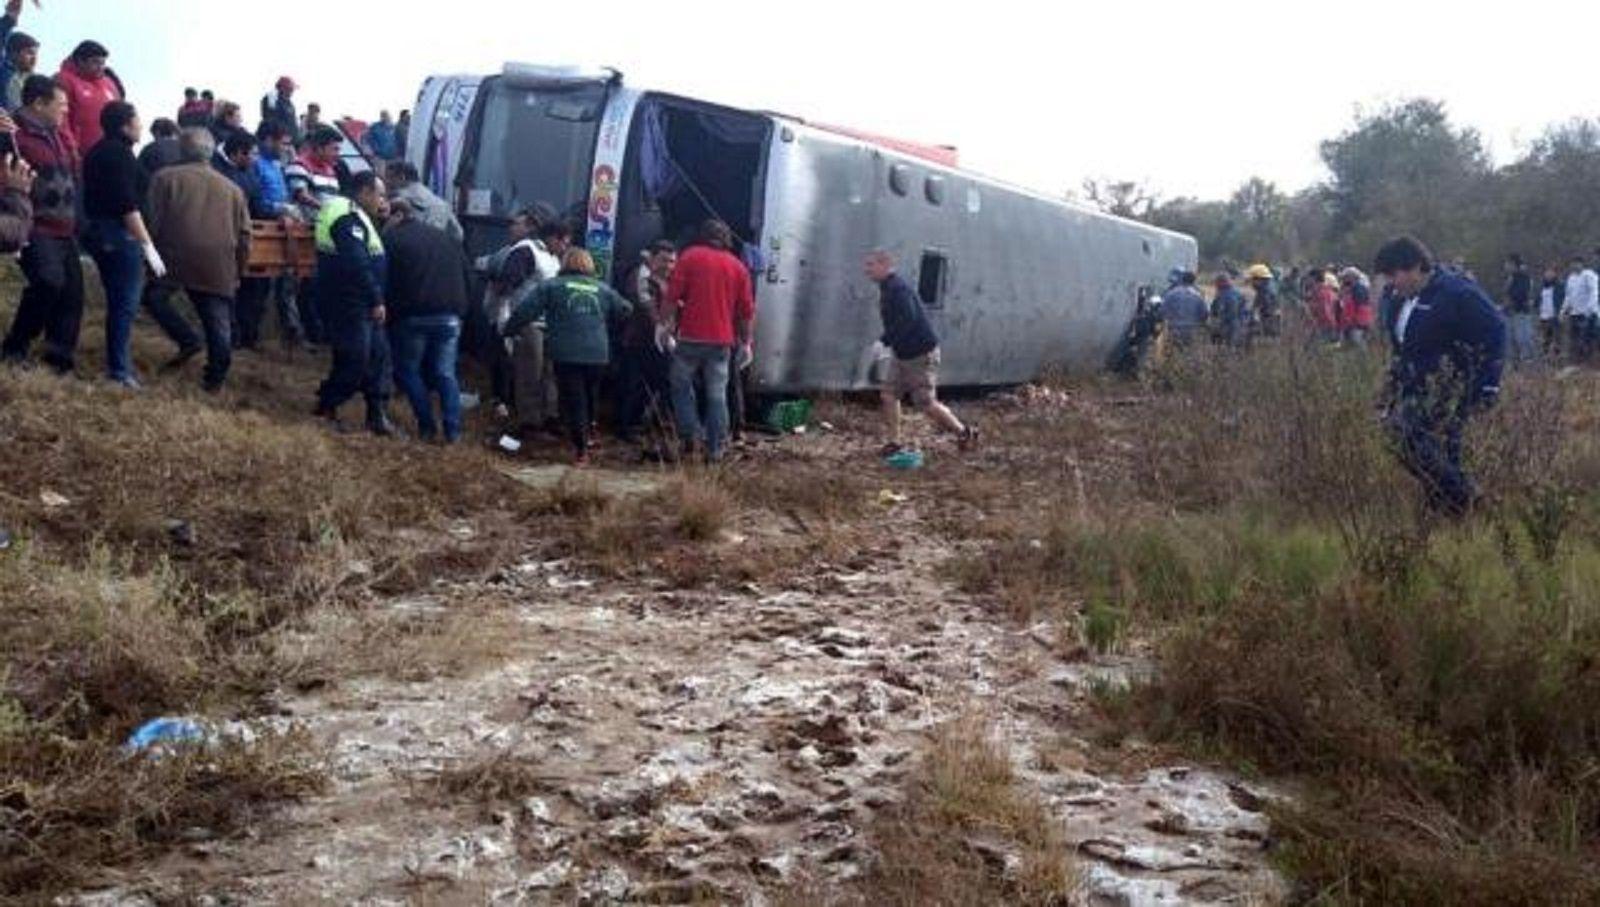 Volcó un colectivo de jubilados en Tucumán: hay al menos 13 muertos y 45 heridos